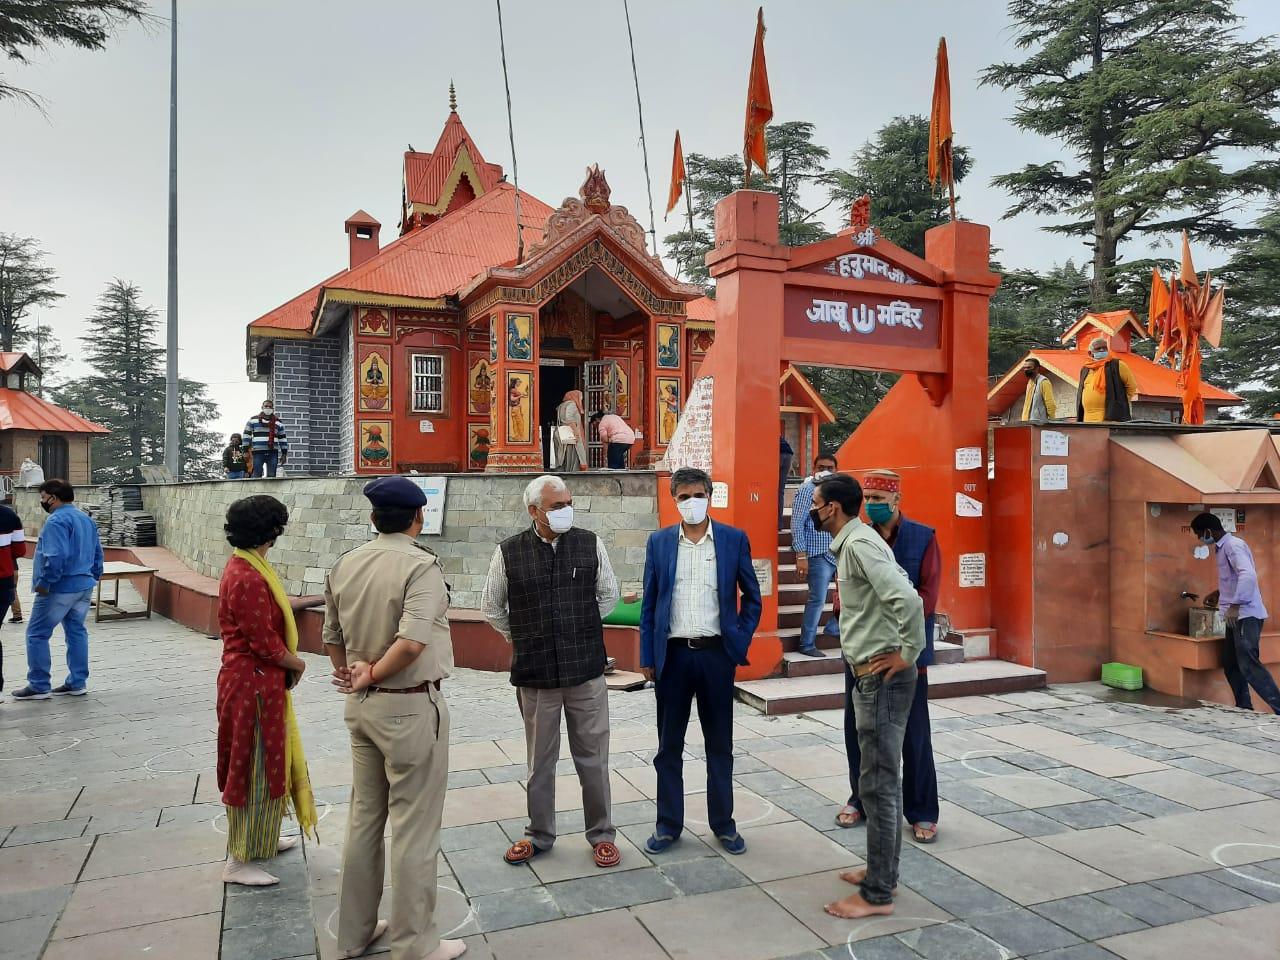 नवरात्र में तारा देवी, संकटमोचन, कालीबाड़ी व जाखू मंदिर में विवाह, मुंडन, हवन, कन्या पूजन व मूर्ति स्पर्श वर्जित